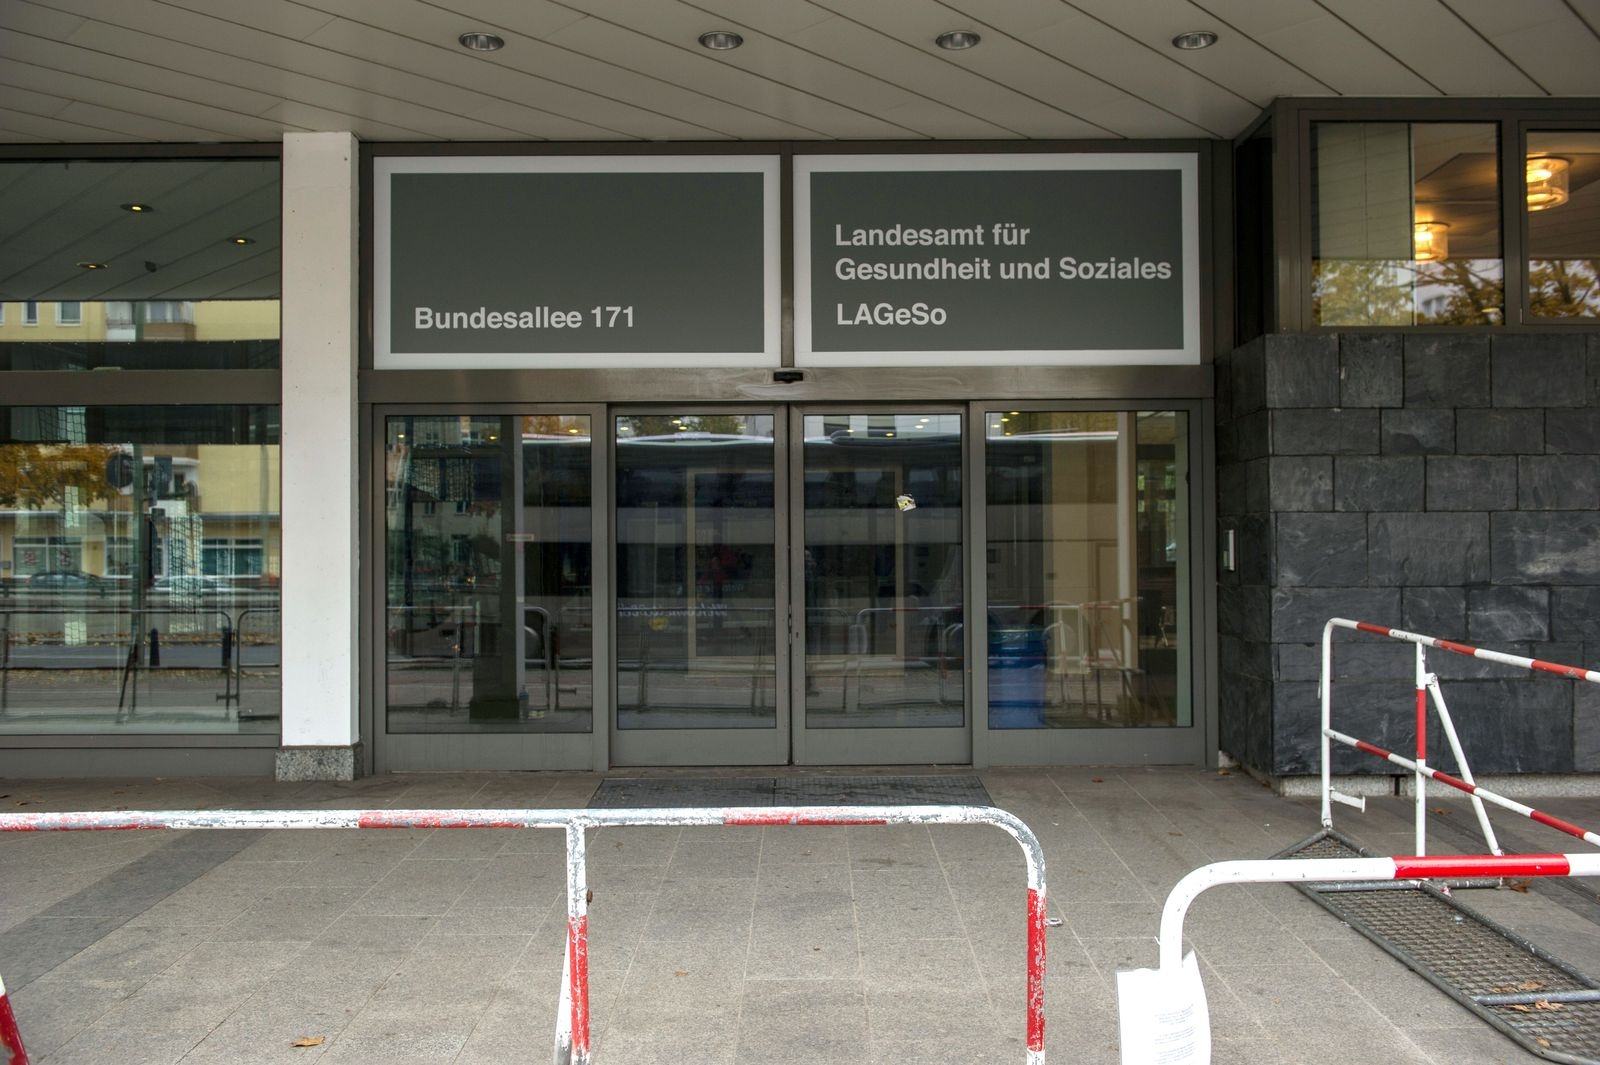 Landesamt für Gesundheit und Soziales / Berlin